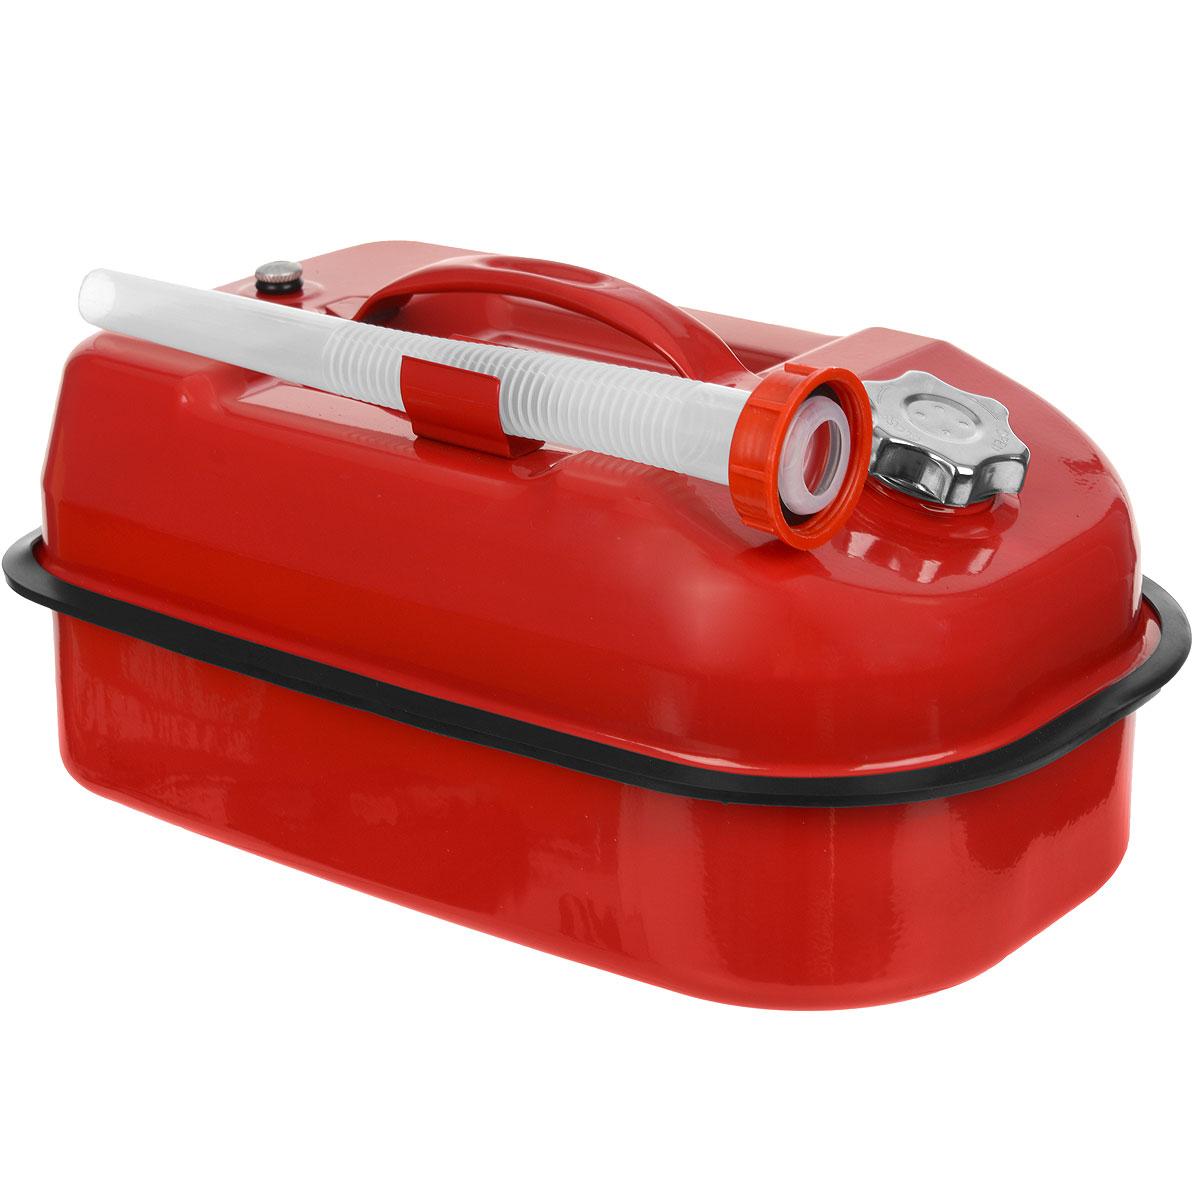 Канистра стальная Autoprofi, горизонтальная, 10 л канистра для топлива dollex с носиком 10 л